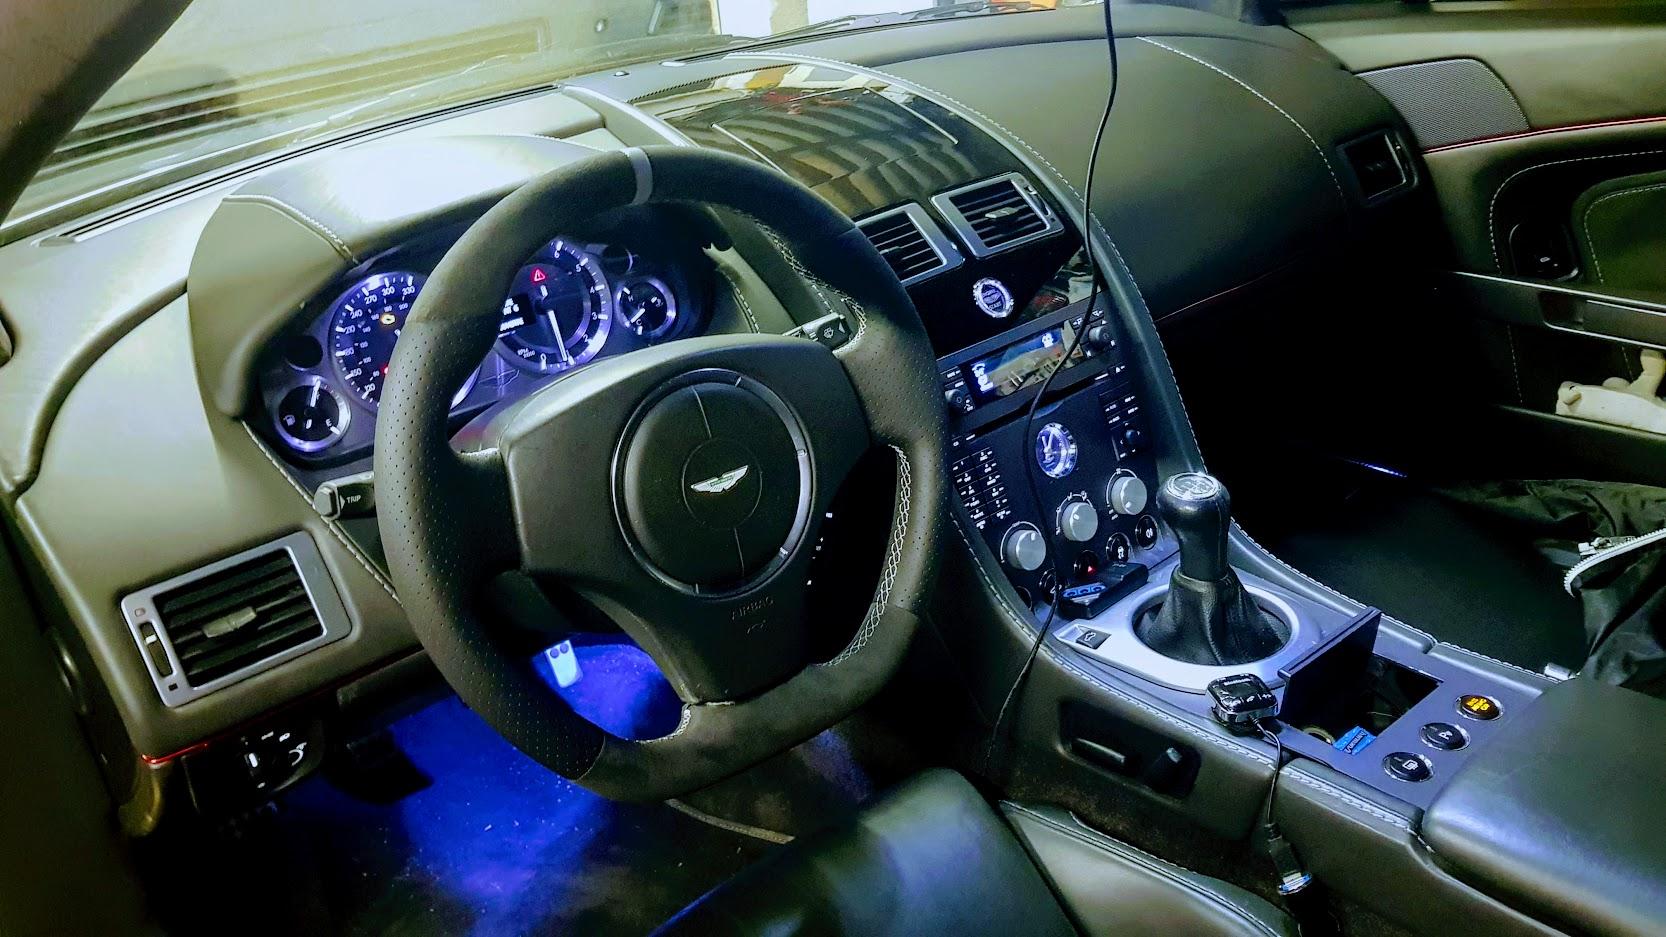 Ahhh Aston Martin...Le post officiel des Astons - Page 2 Post-3579-0-17264100-1553108071